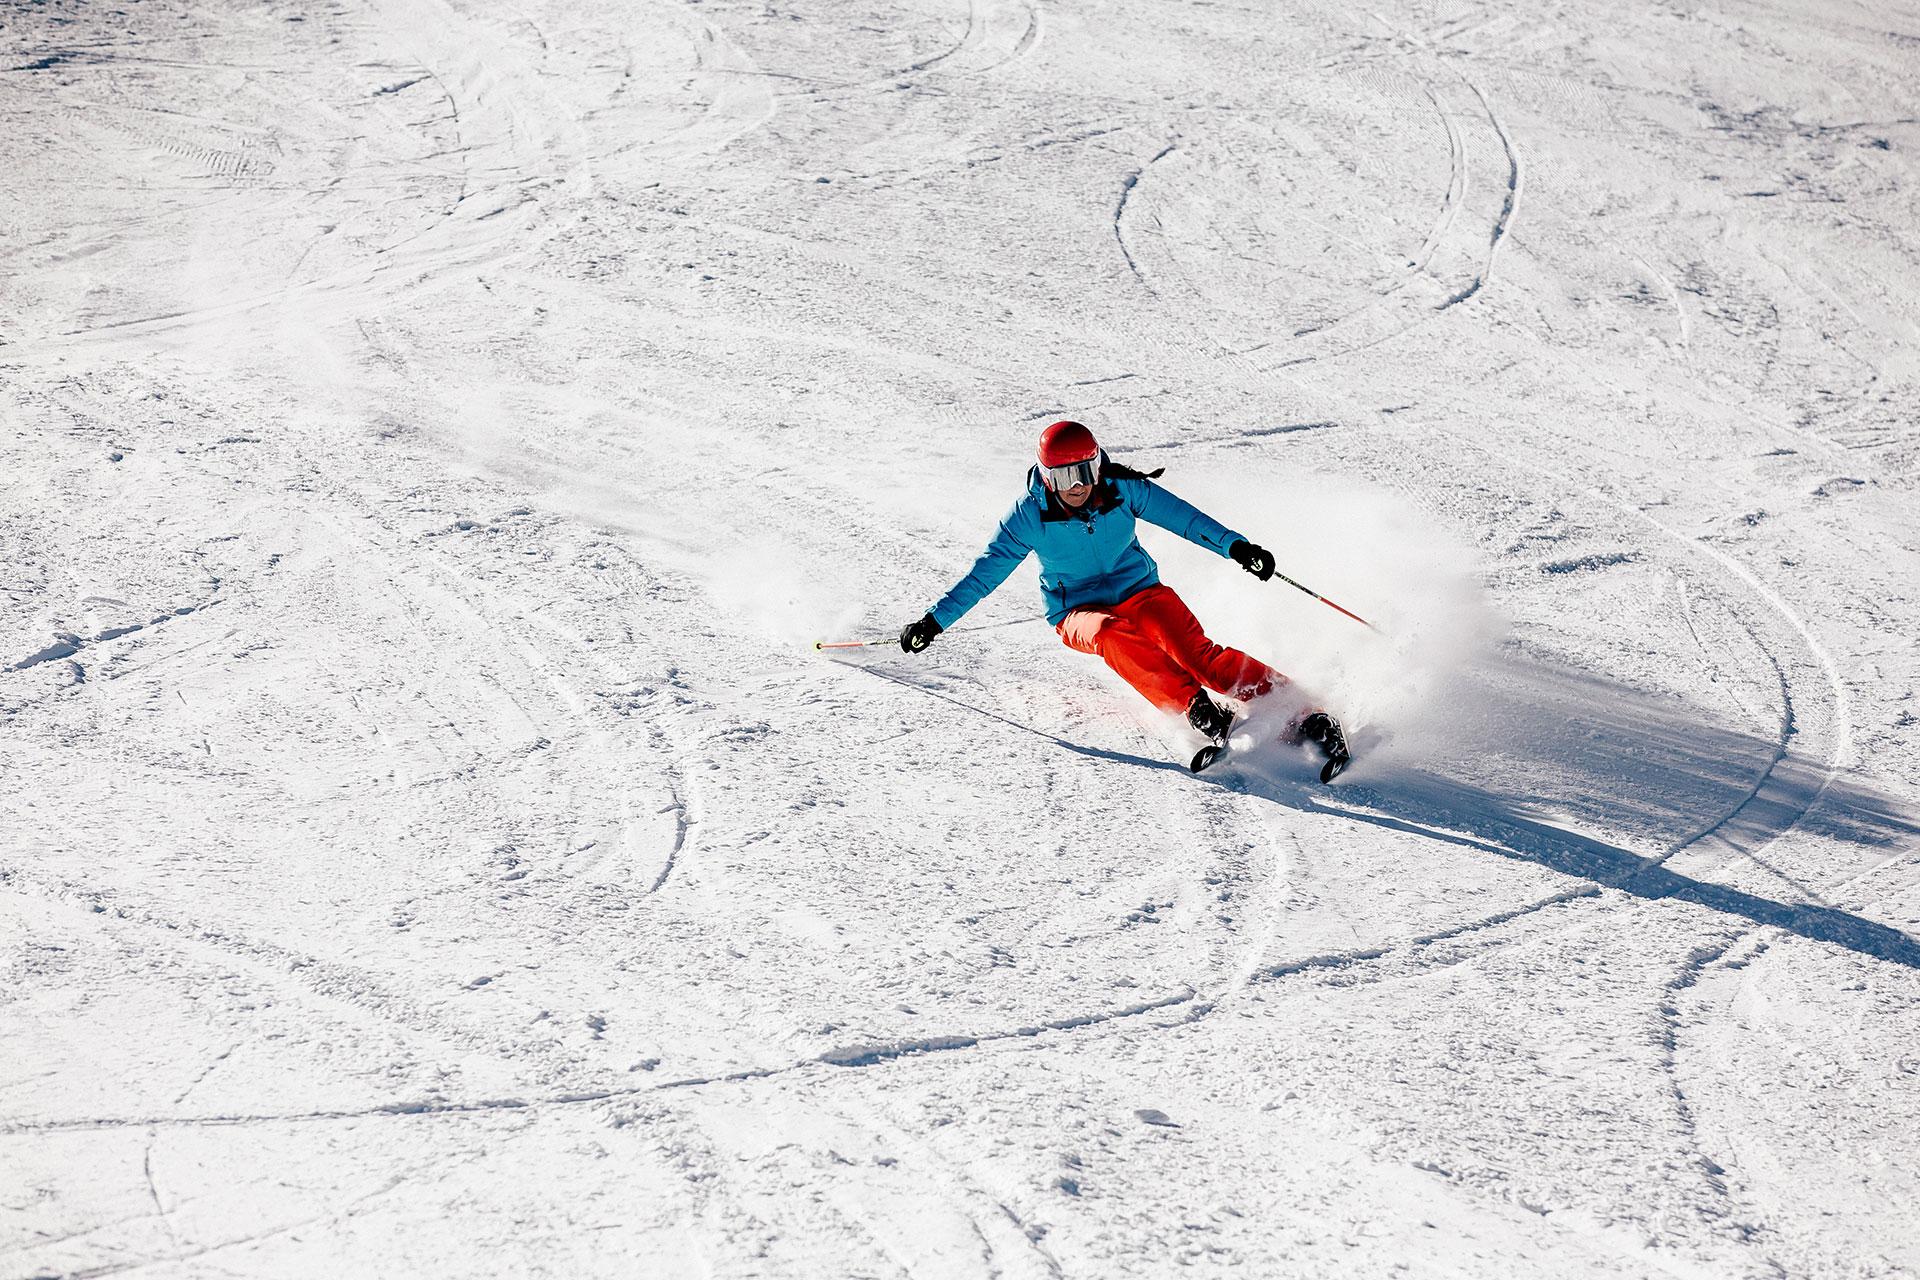 Carving Fotograf Ski Alpin Fotoproduktion Frankfurt Deutschland Schöffel